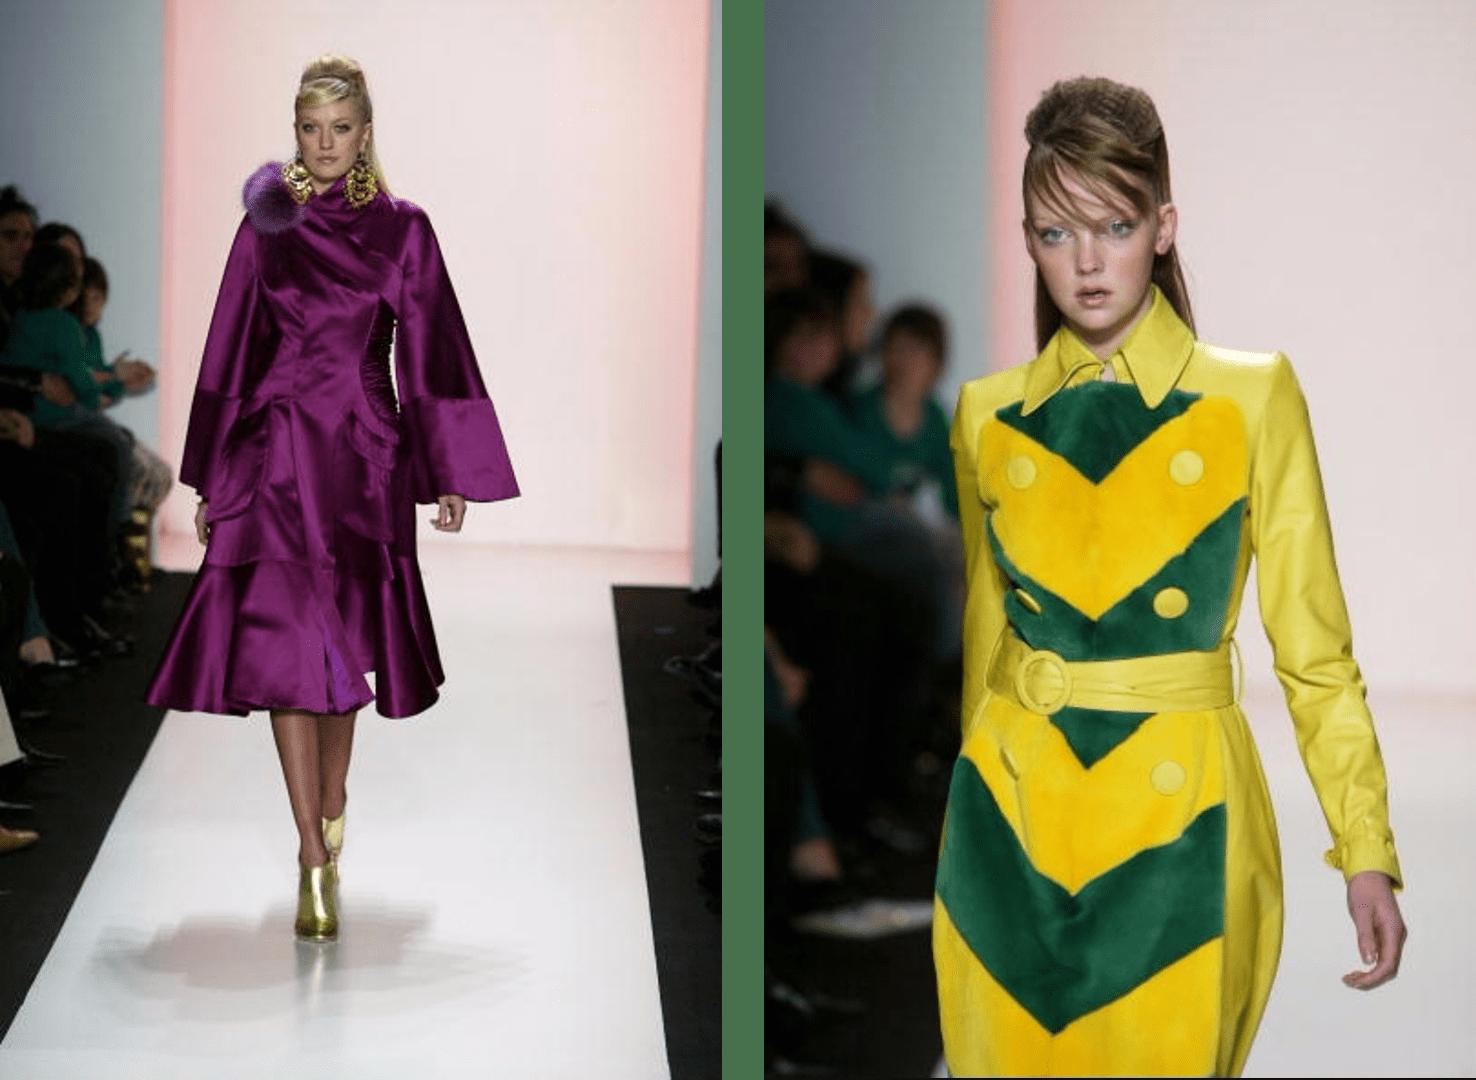 Saverio Pisano, Designer & Custom Tailor Reveals Tips for Timeless Style